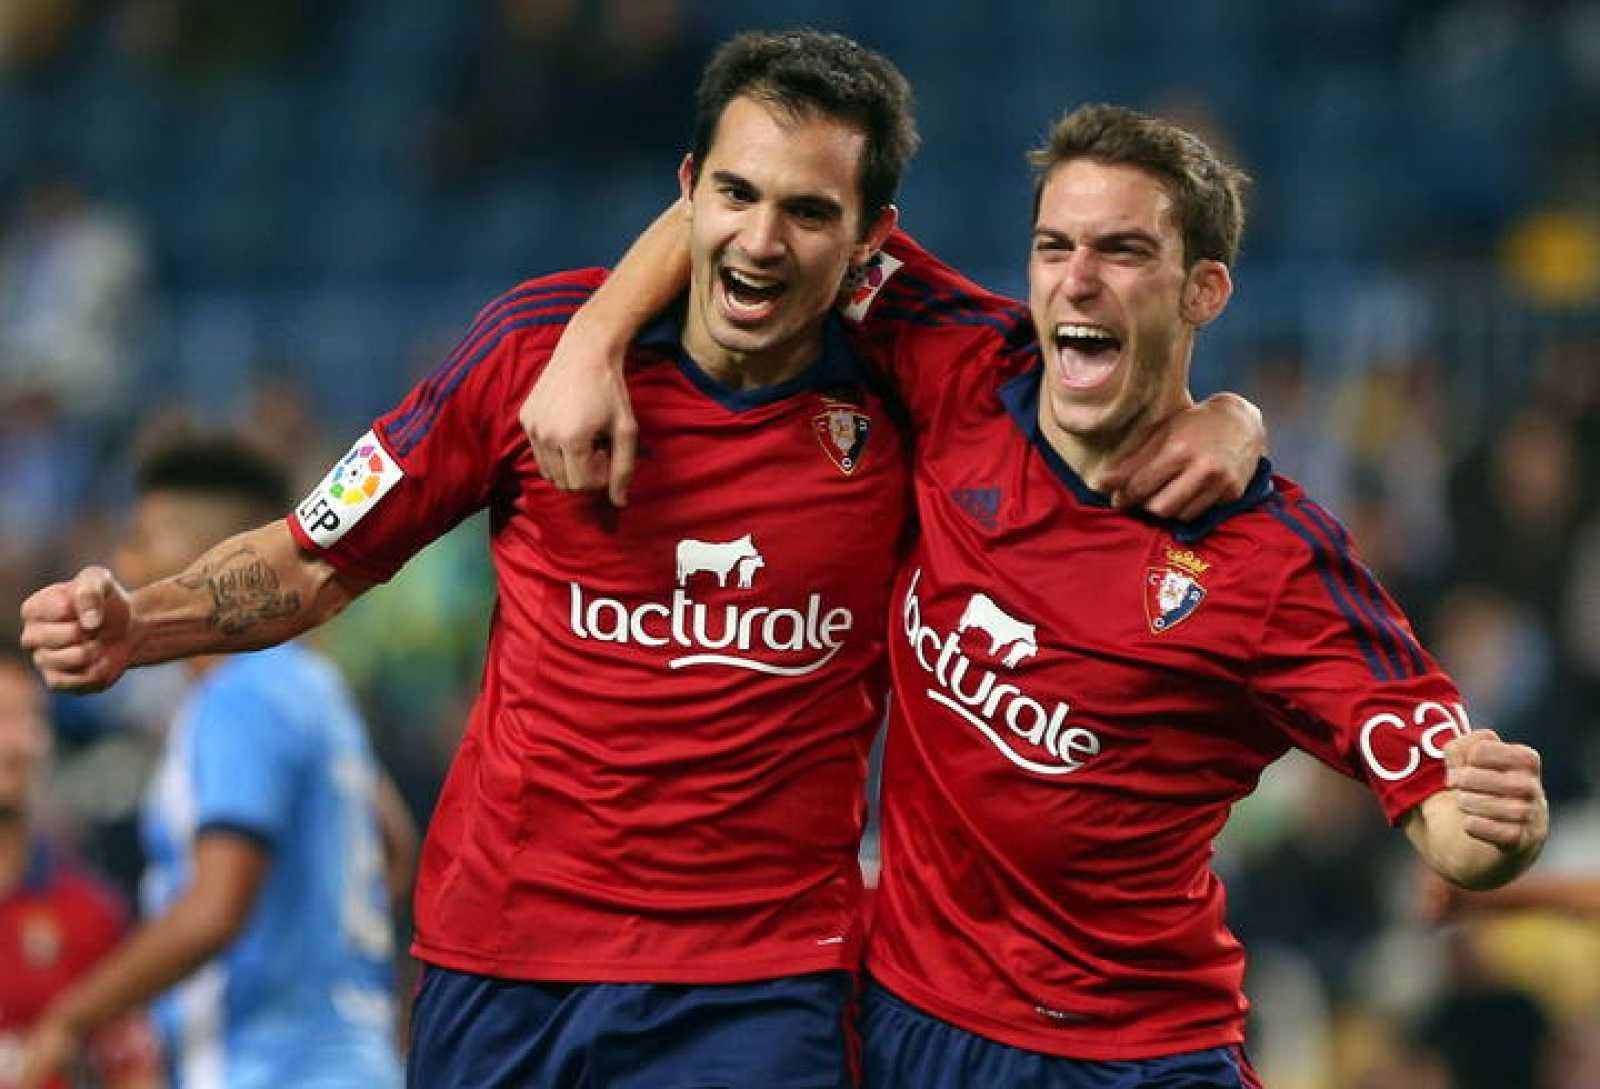 Los jugadores de Osasuna, Emiliano Daniel Armenteros y Roberto Torres, celebran el tercer gol del equipo osasunista.